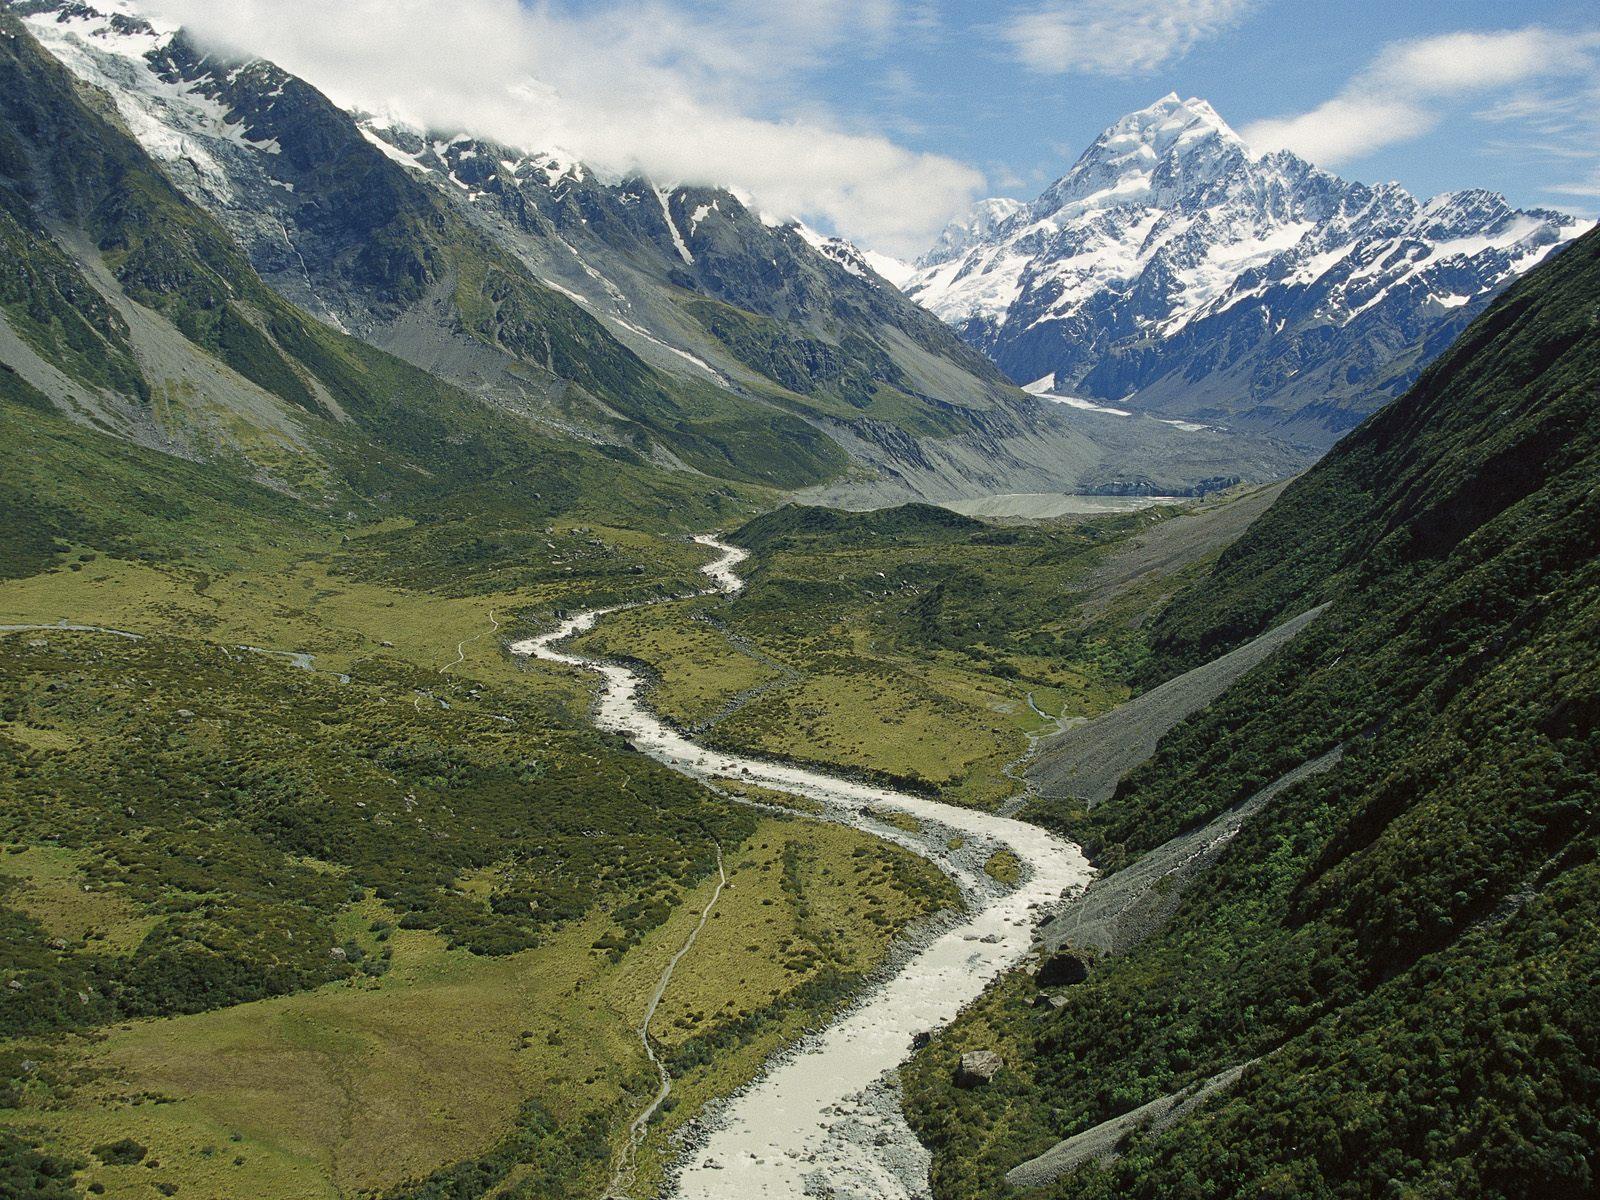 http://4.bp.blogspot.com/_e45GK4i1E8M/TRdkwQWjj9I/AAAAAAAACZY/kR2RTOjrHDA/s1600/Hooker_Valley_New_Zealand.jpg